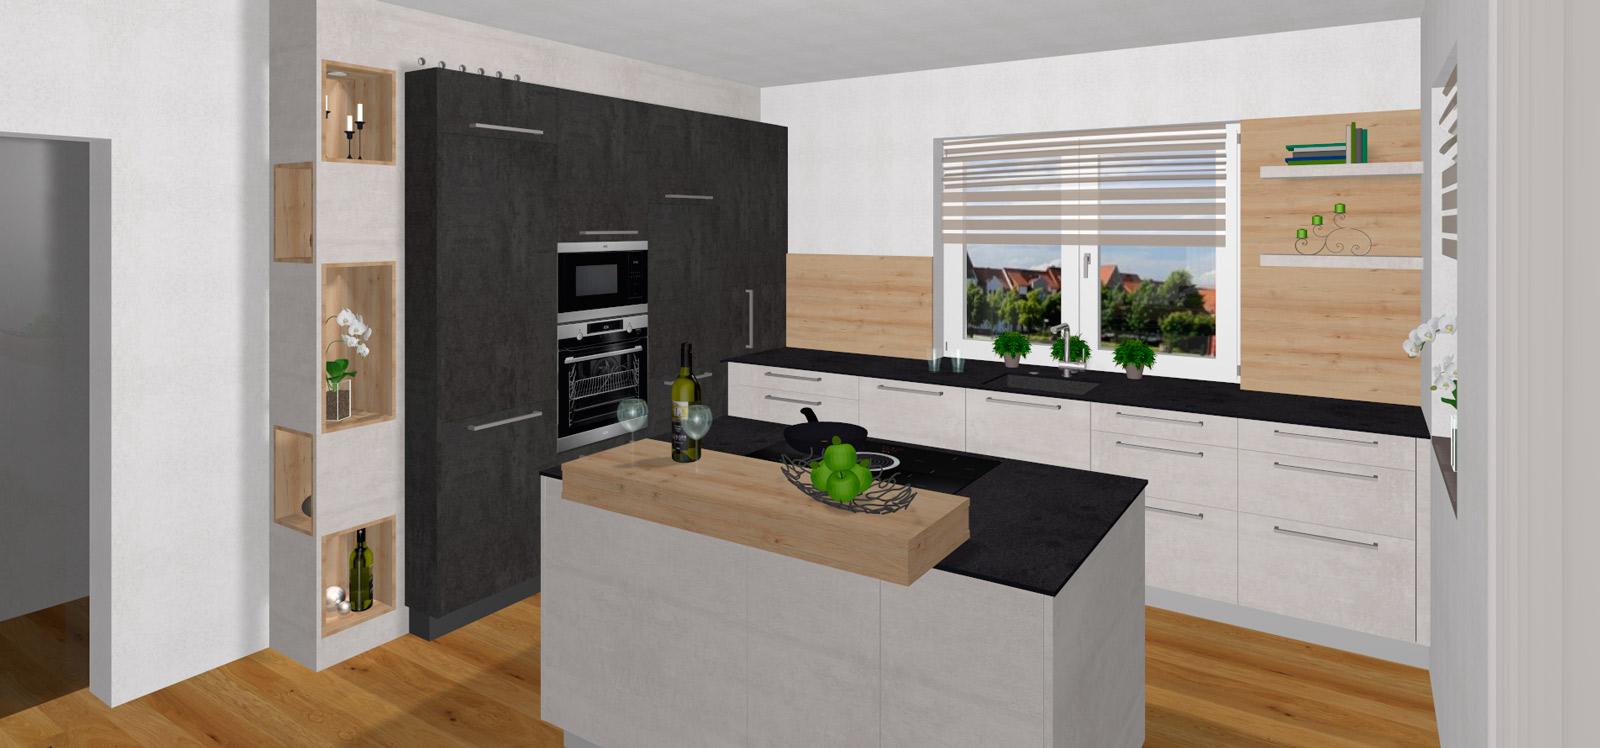 Full Size of Freistehende Arbeitsflche Kche Freistehender Schrank Elemente Küche Küchen Regal Wohnzimmer Freistehende Küchen